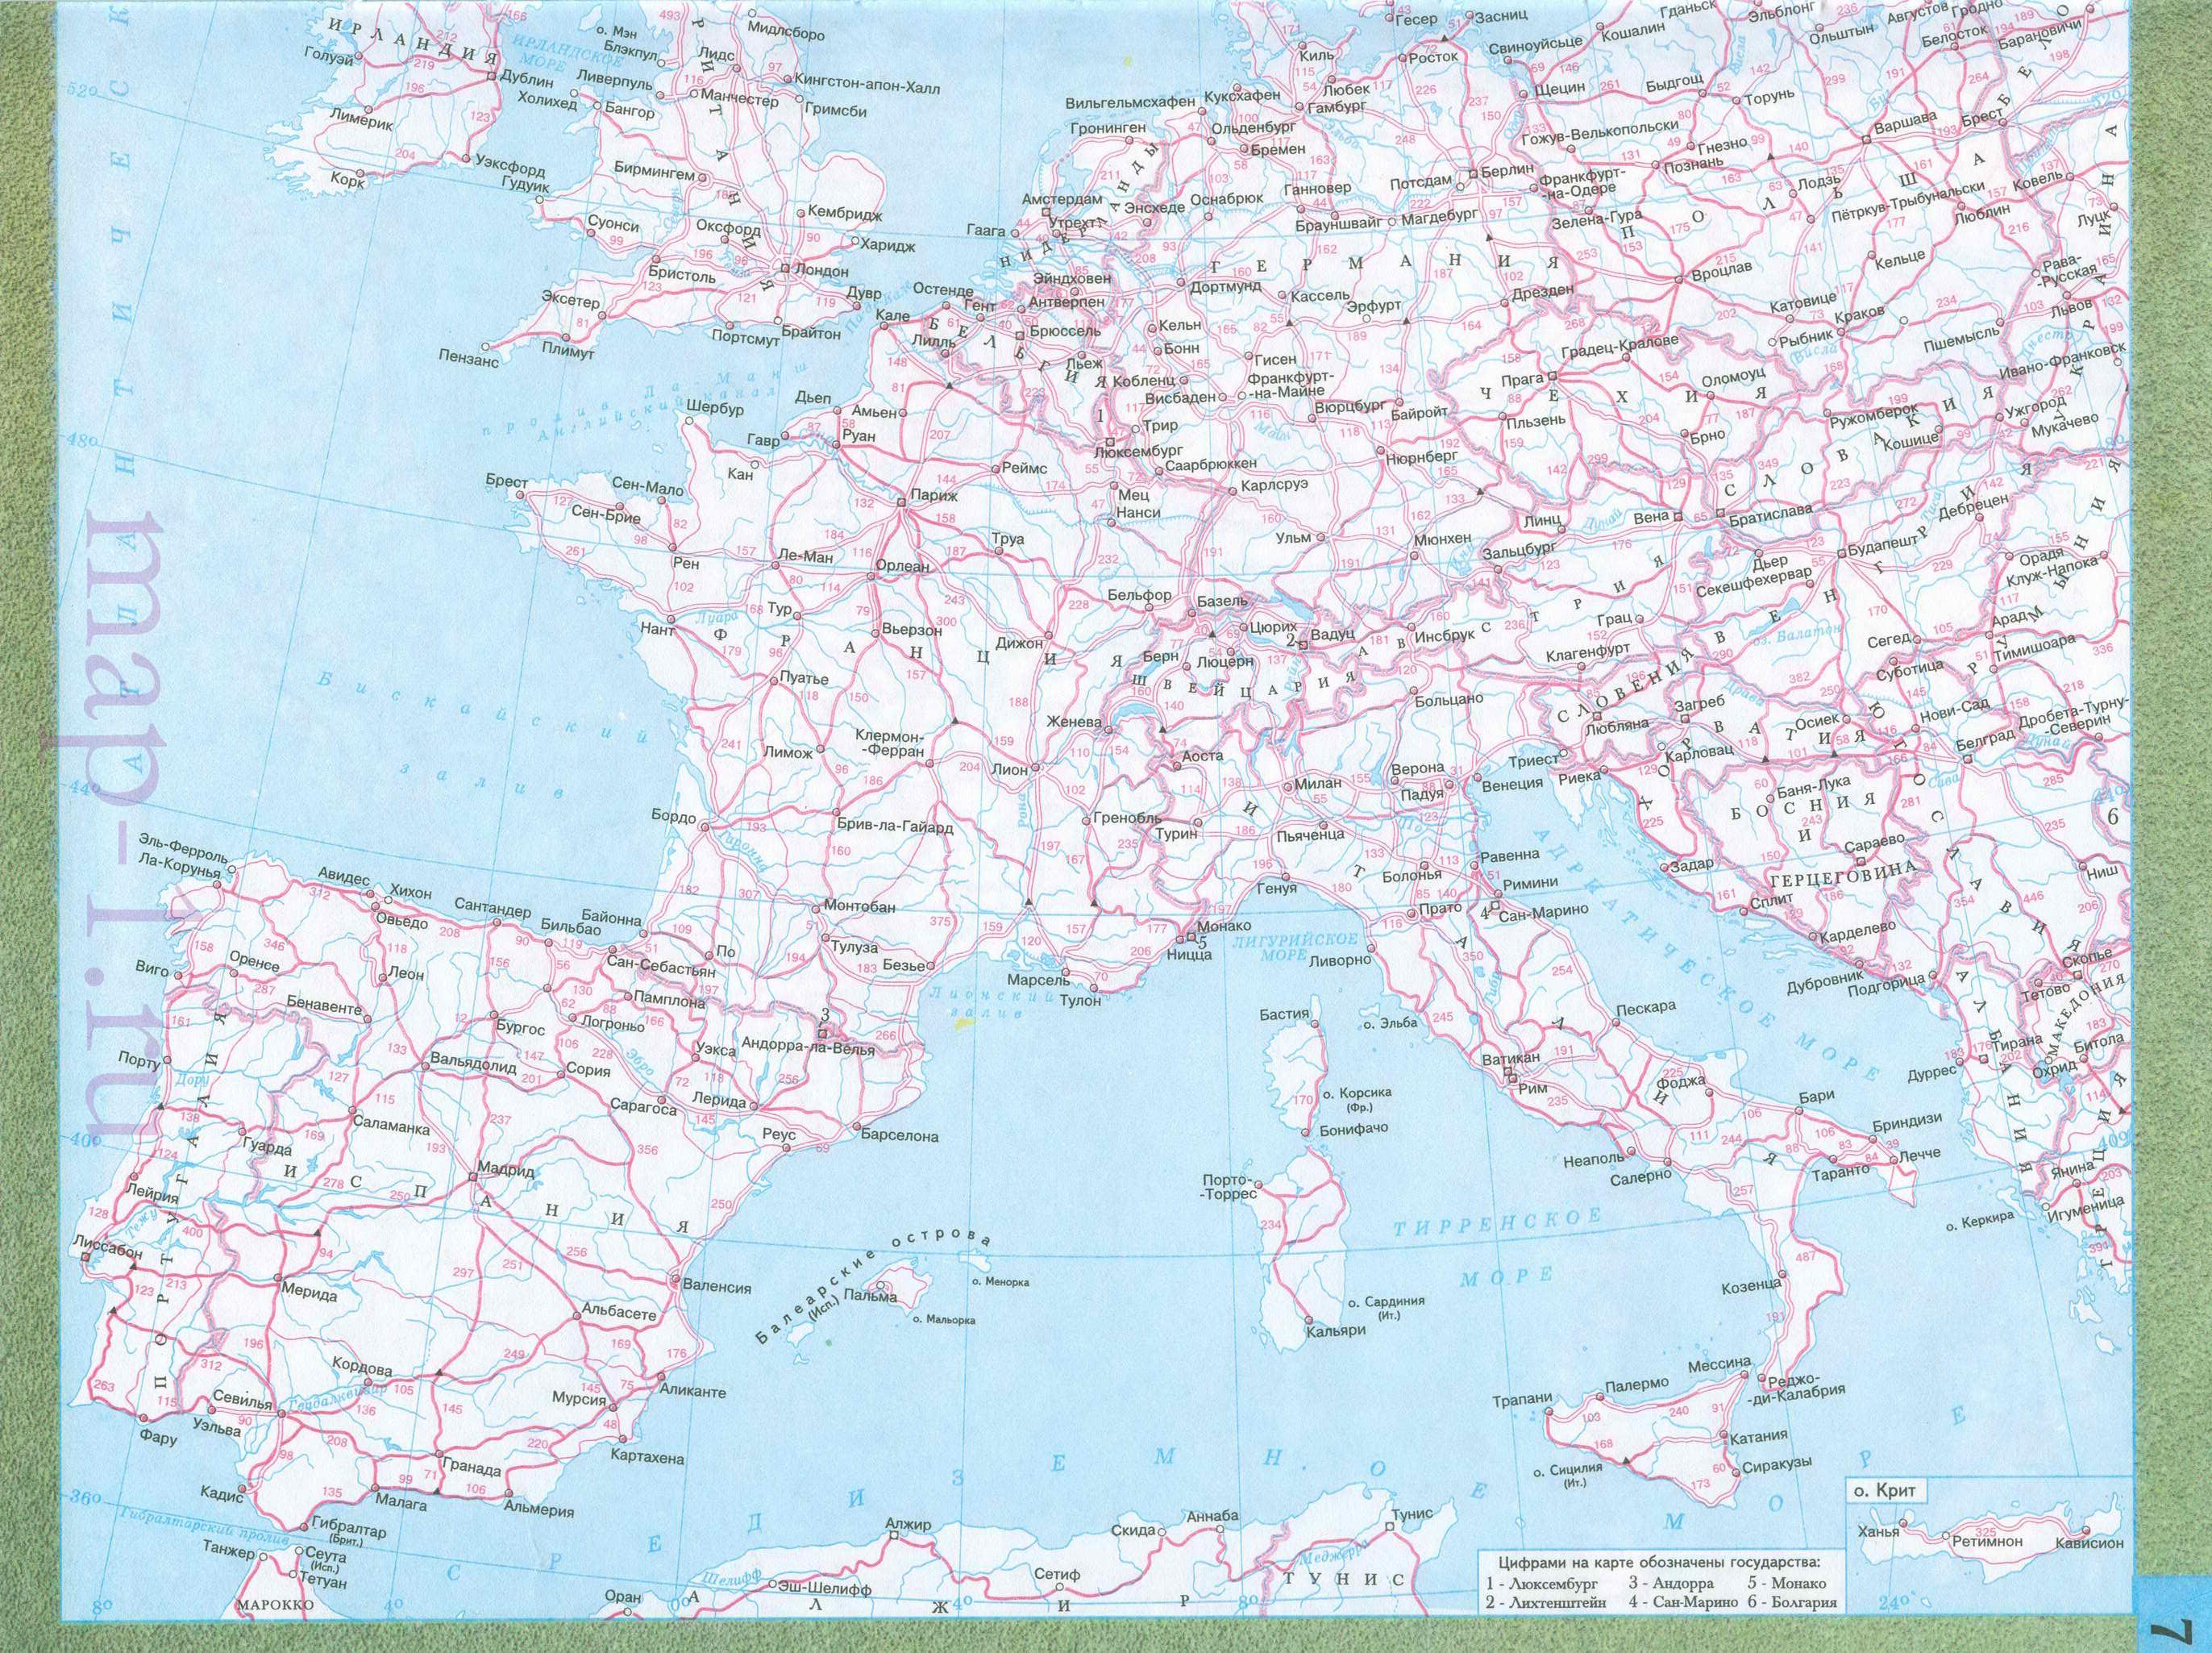 Западной европы дорожная карта европы